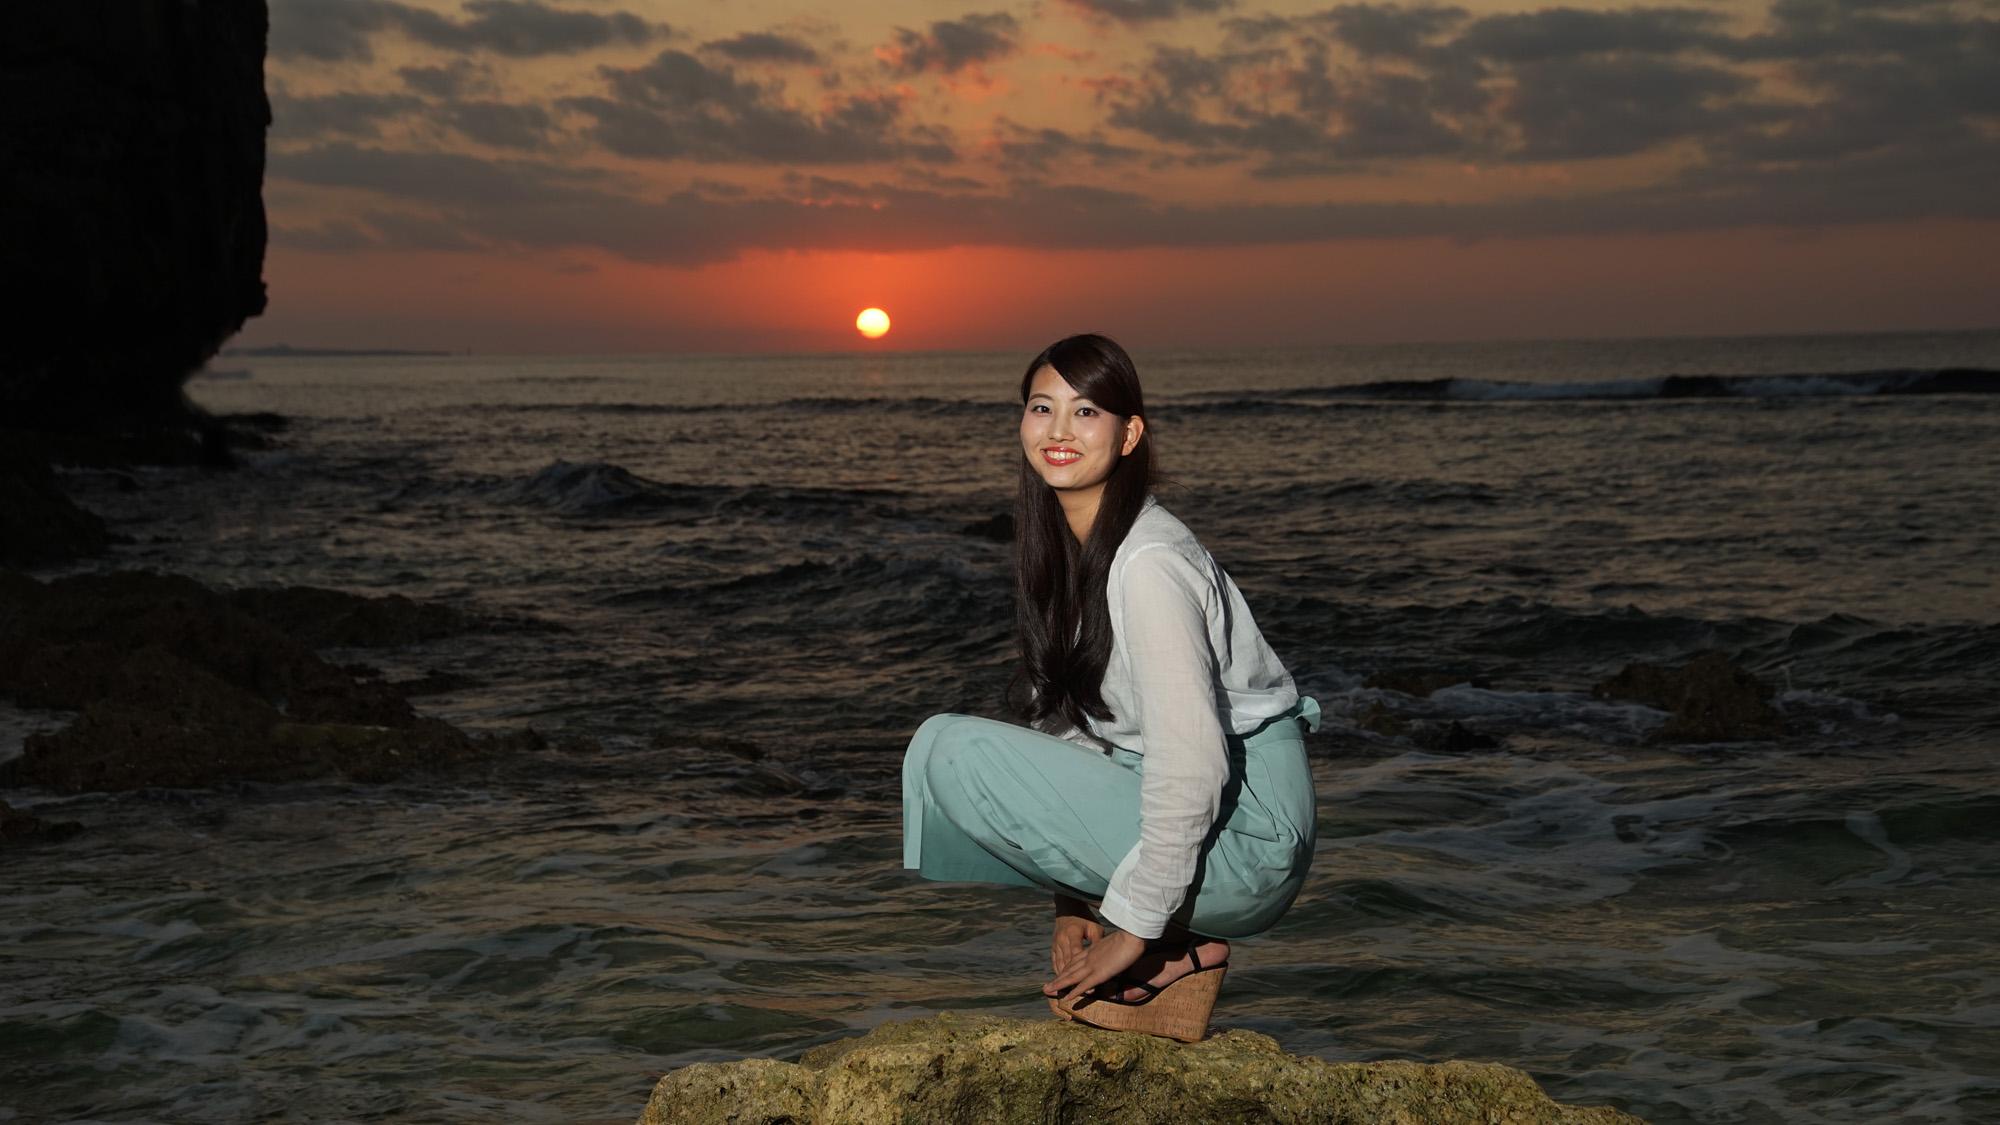 沖縄写真 okinawa夕日model:m310ri